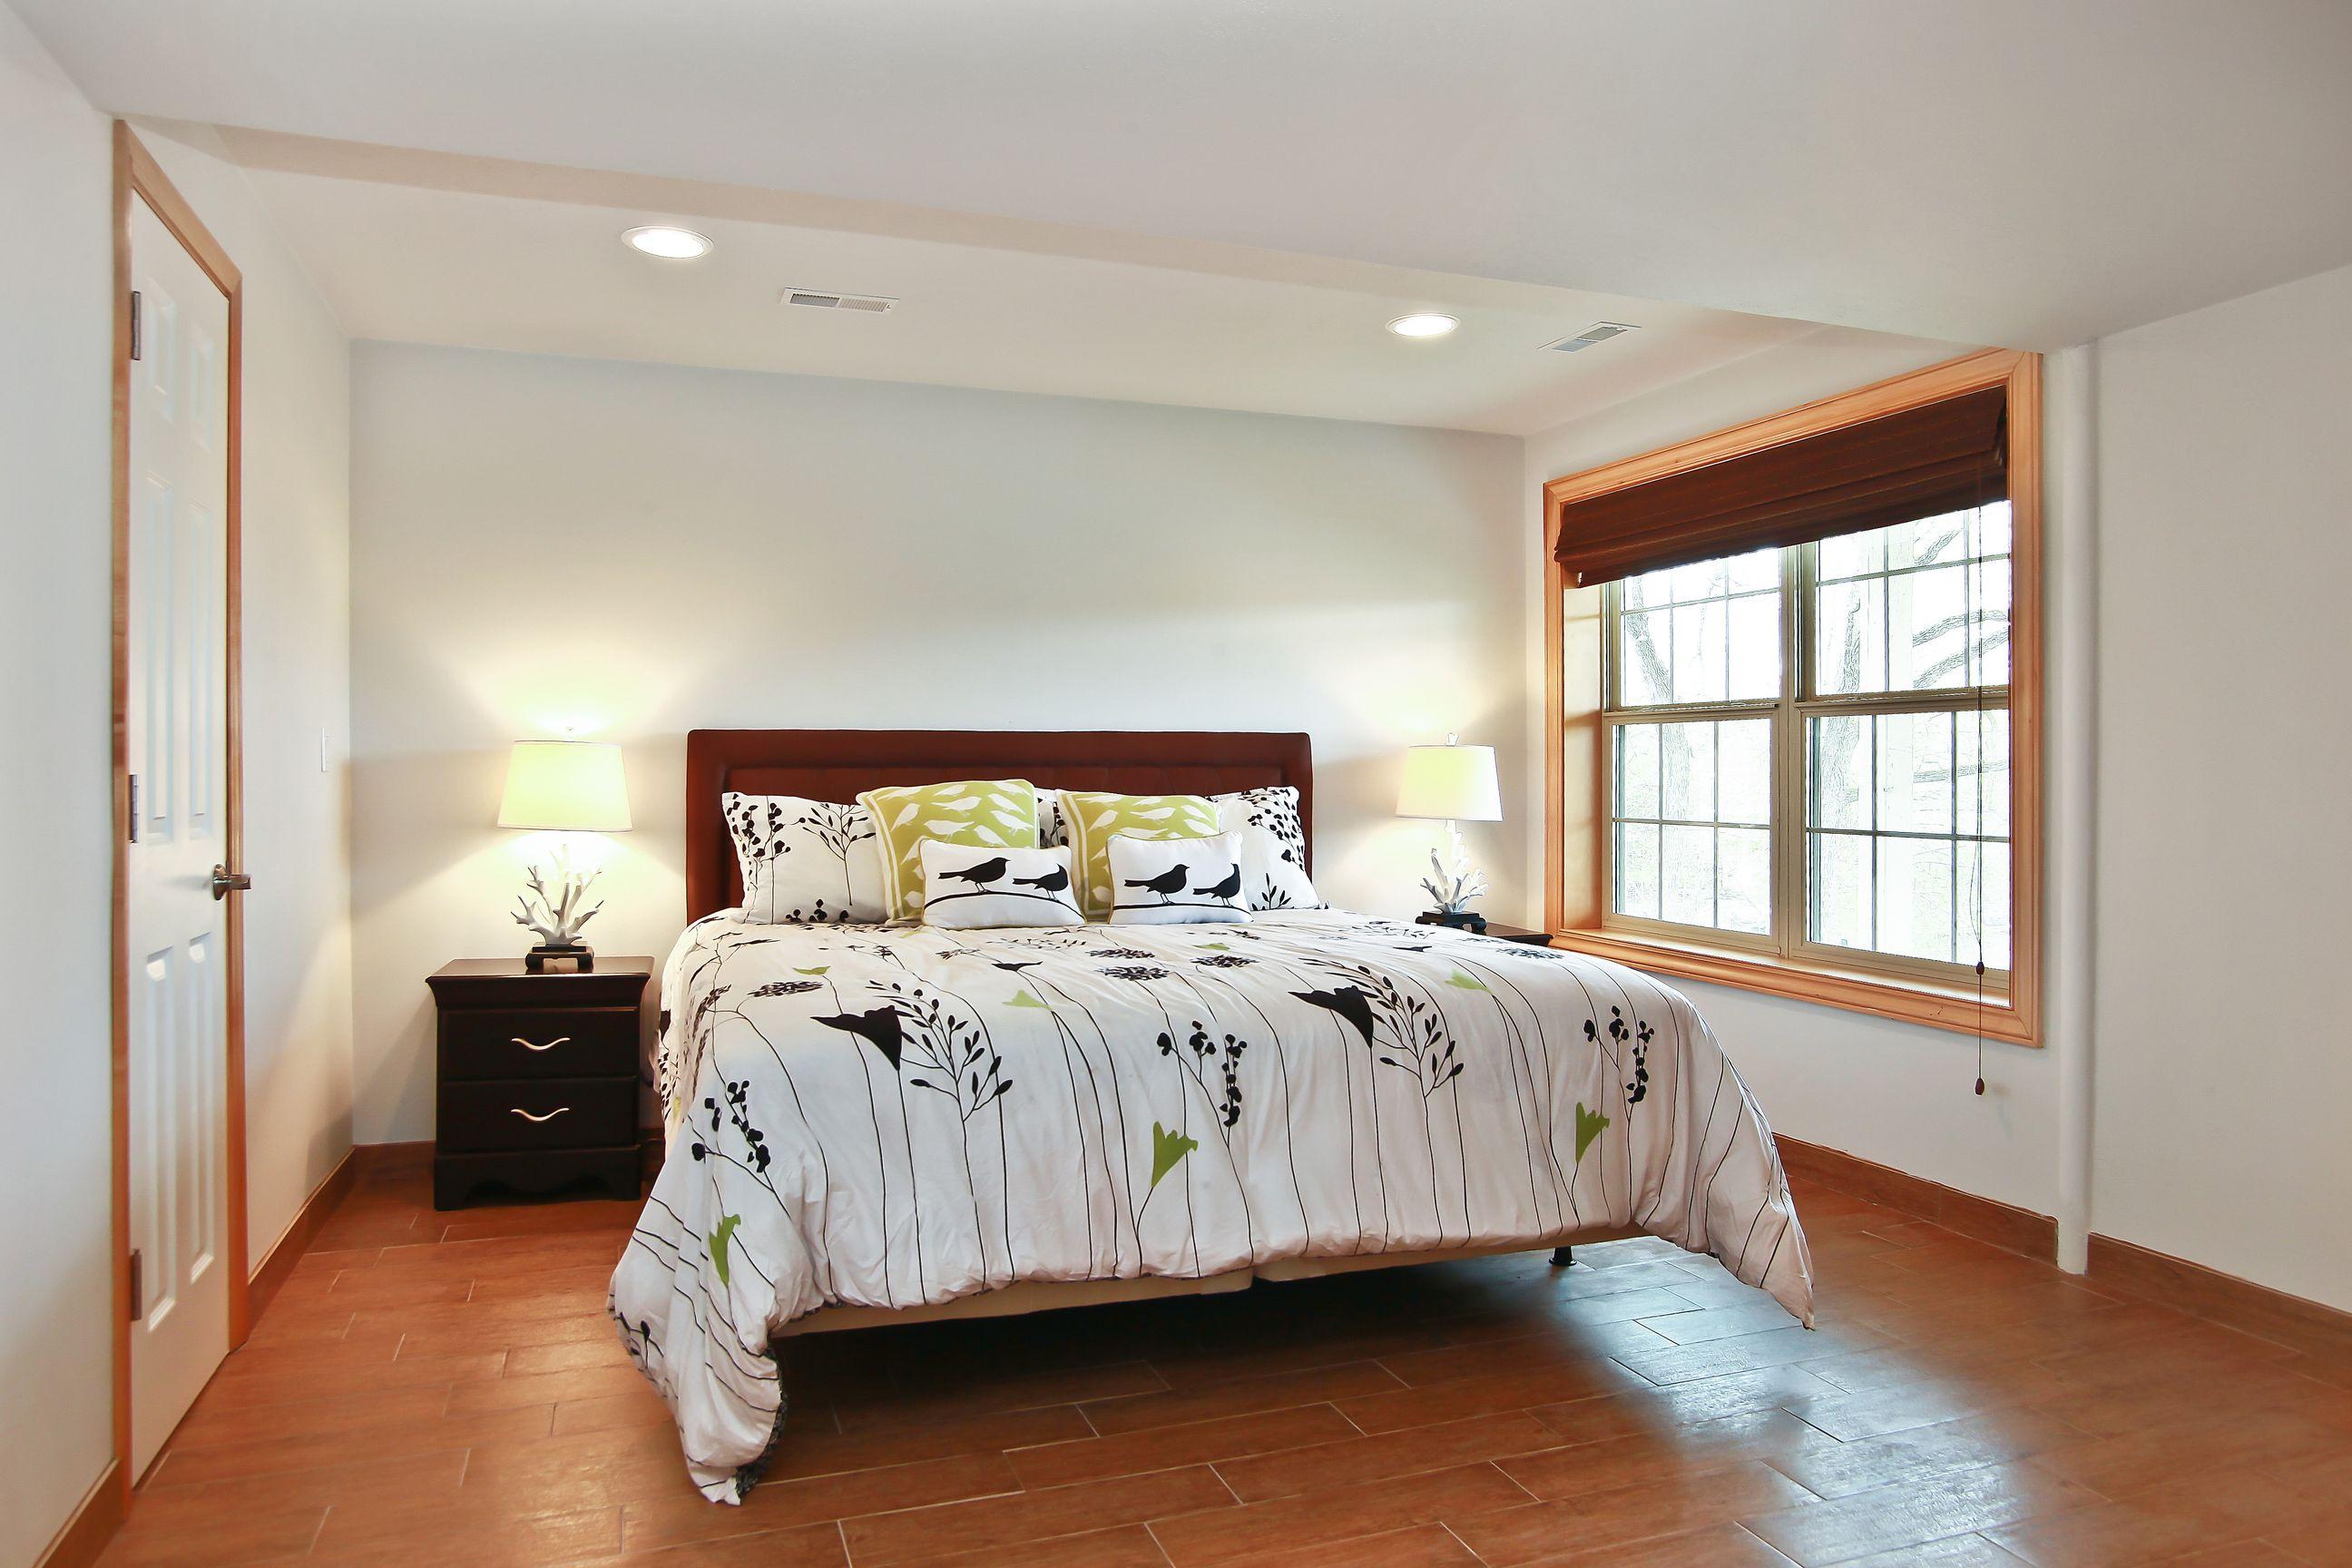 19_W5619WestshoreDrive_18004_Bedroom_HiRes.jpg